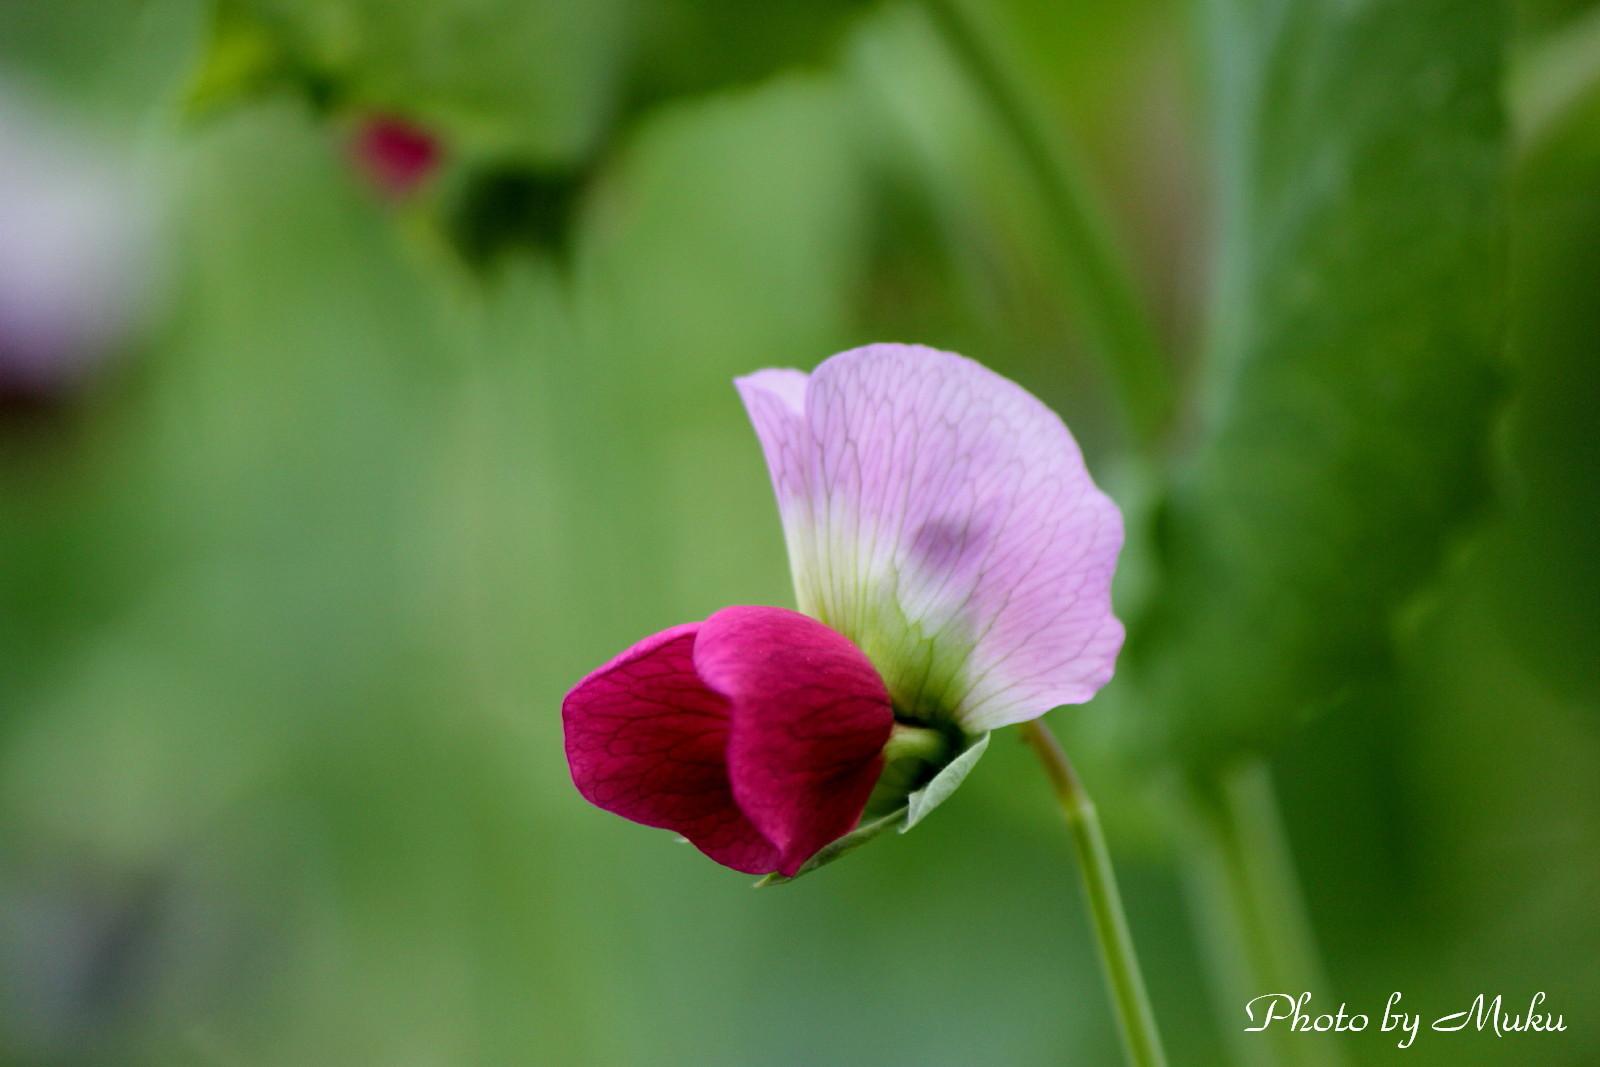 2014/05/12 豌豆の花 (散歩道:神奈川県横須賀市)